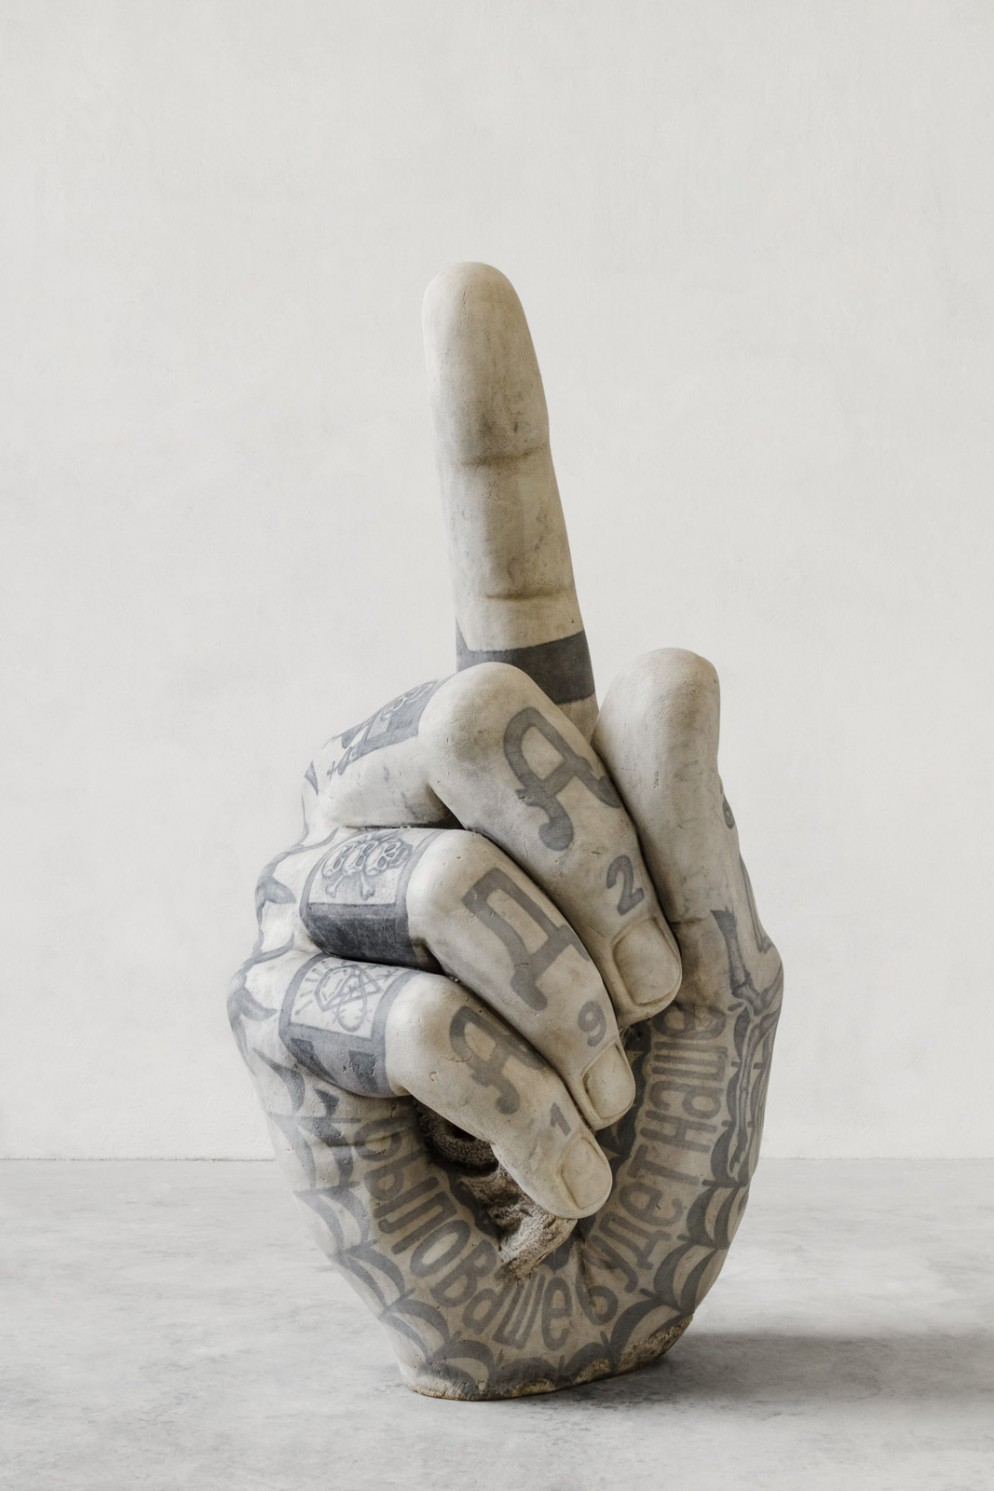 fabio-viale-statue-tatuate-01